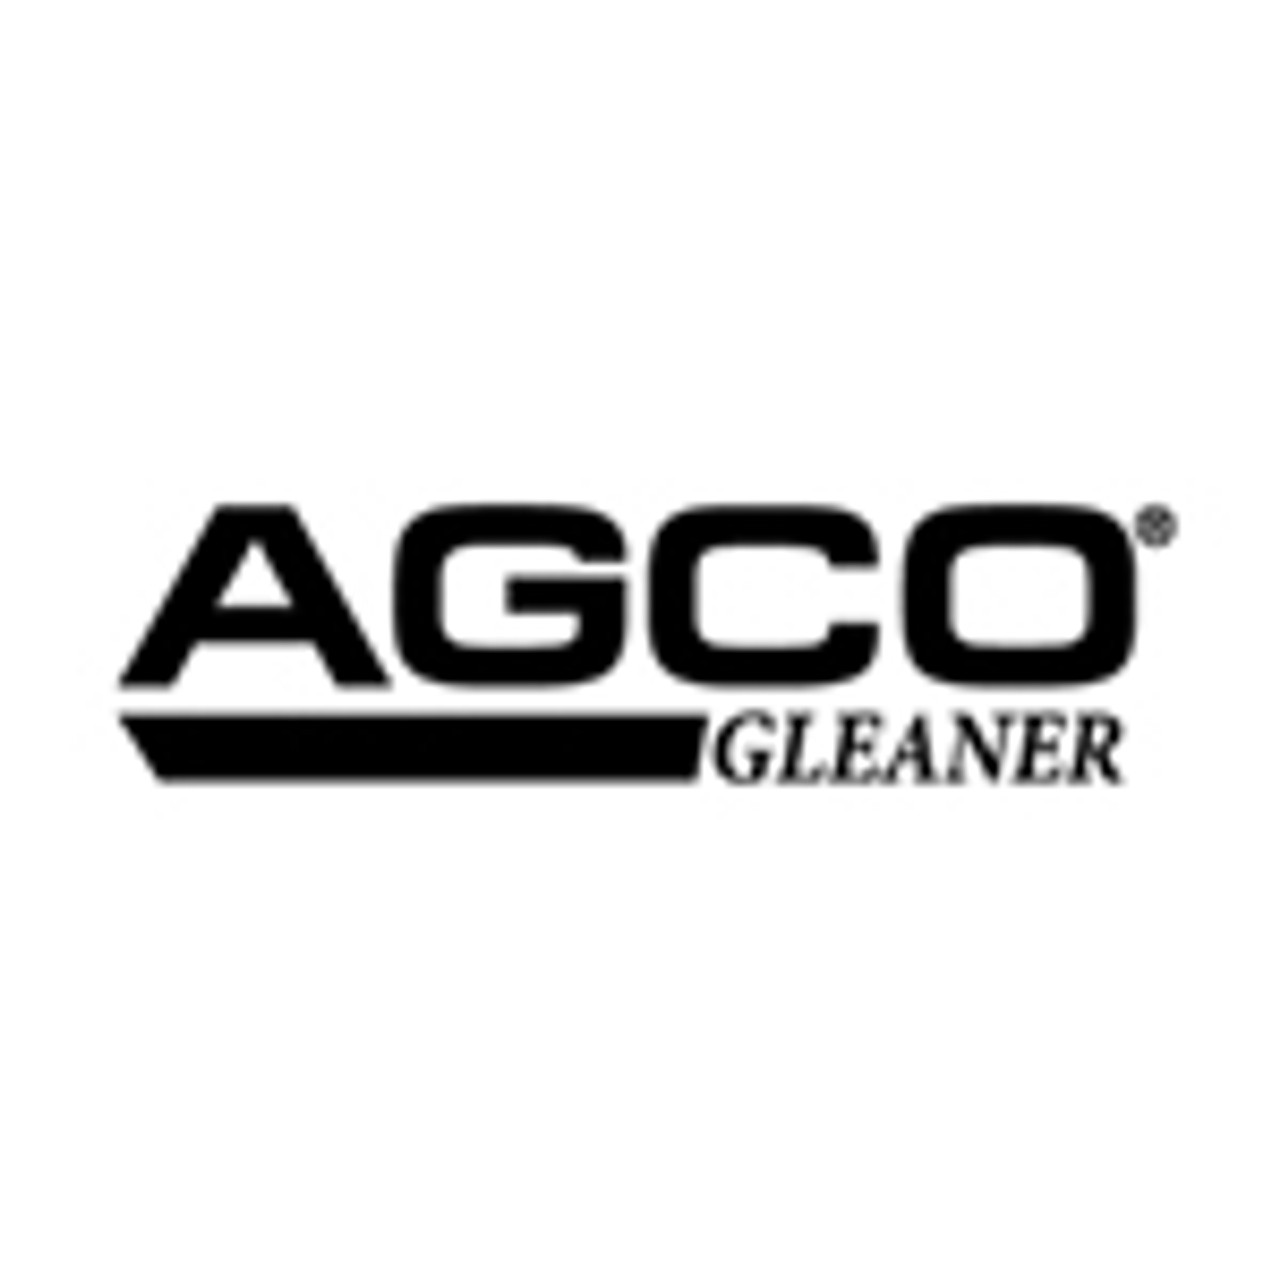 Agco Gleaner